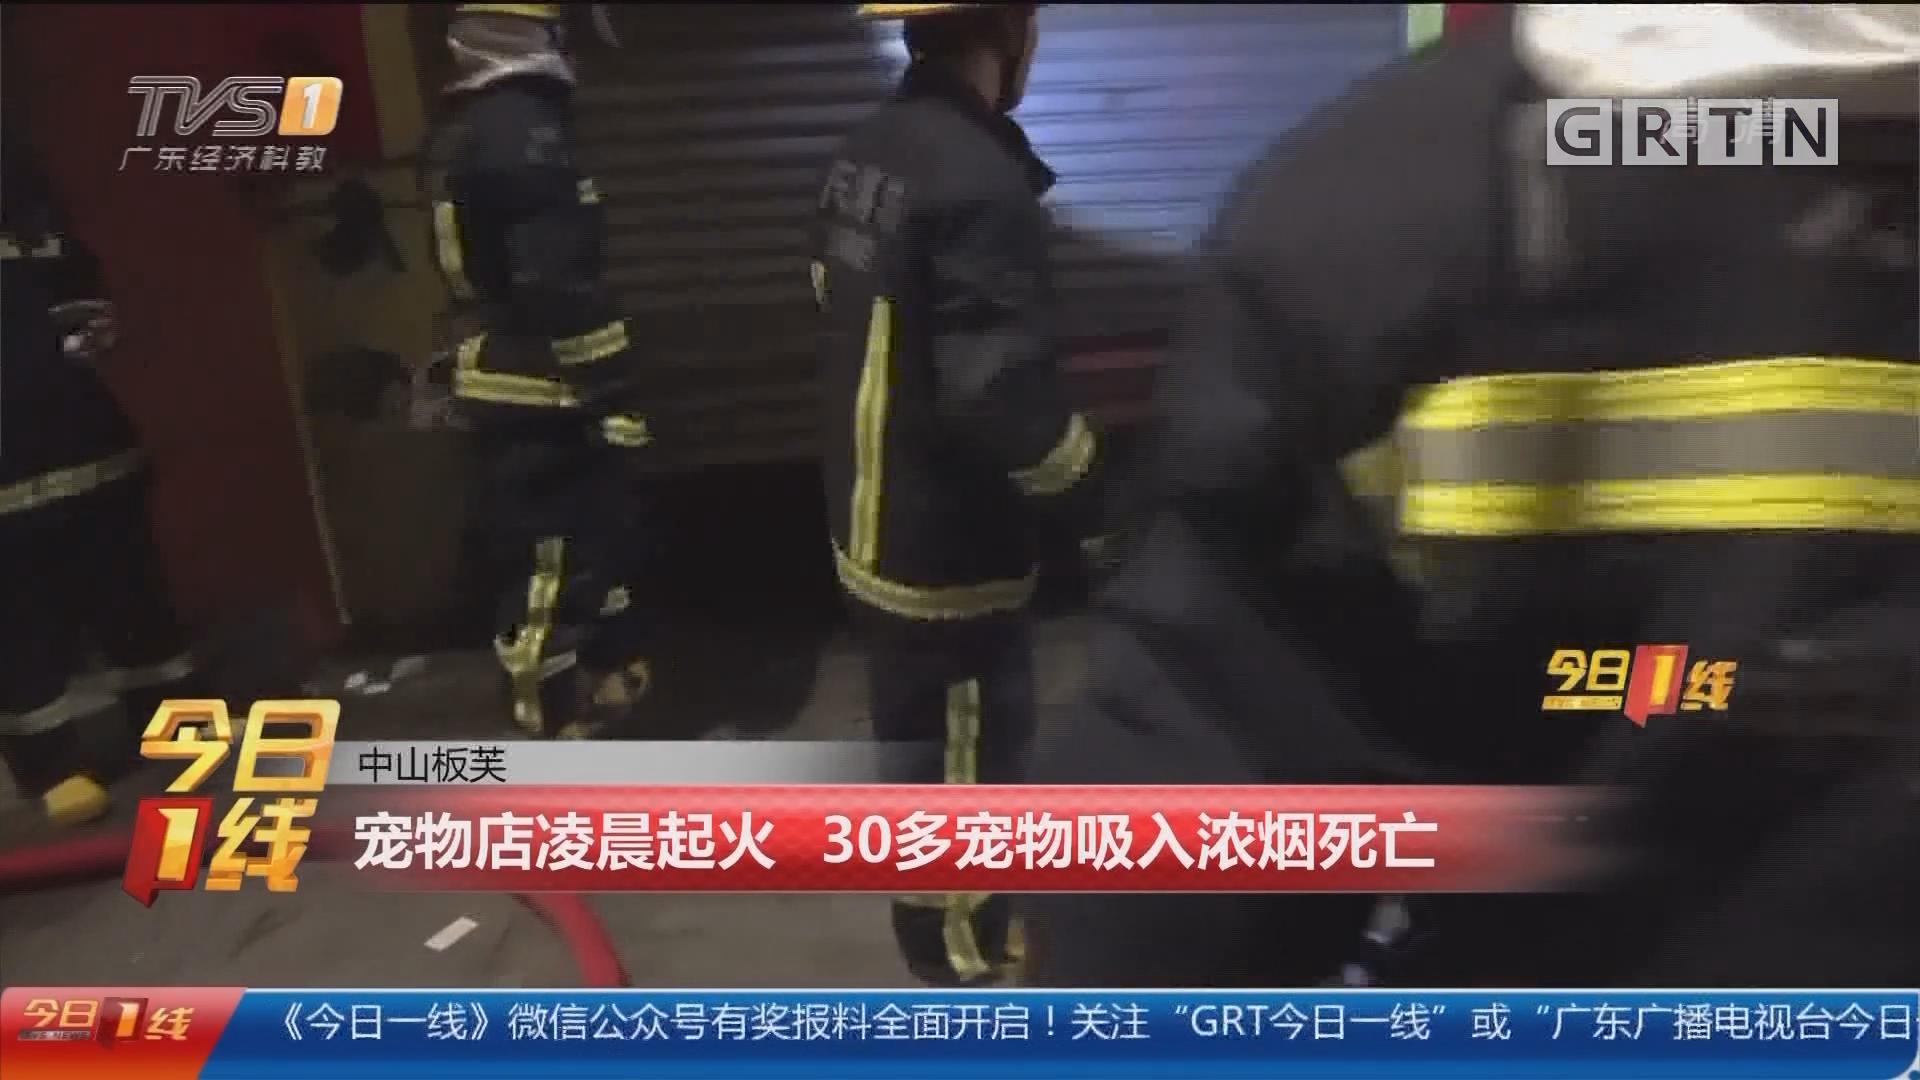 中山板芙:宠物店凌晨起火 30多宠物吸入浓烟死亡